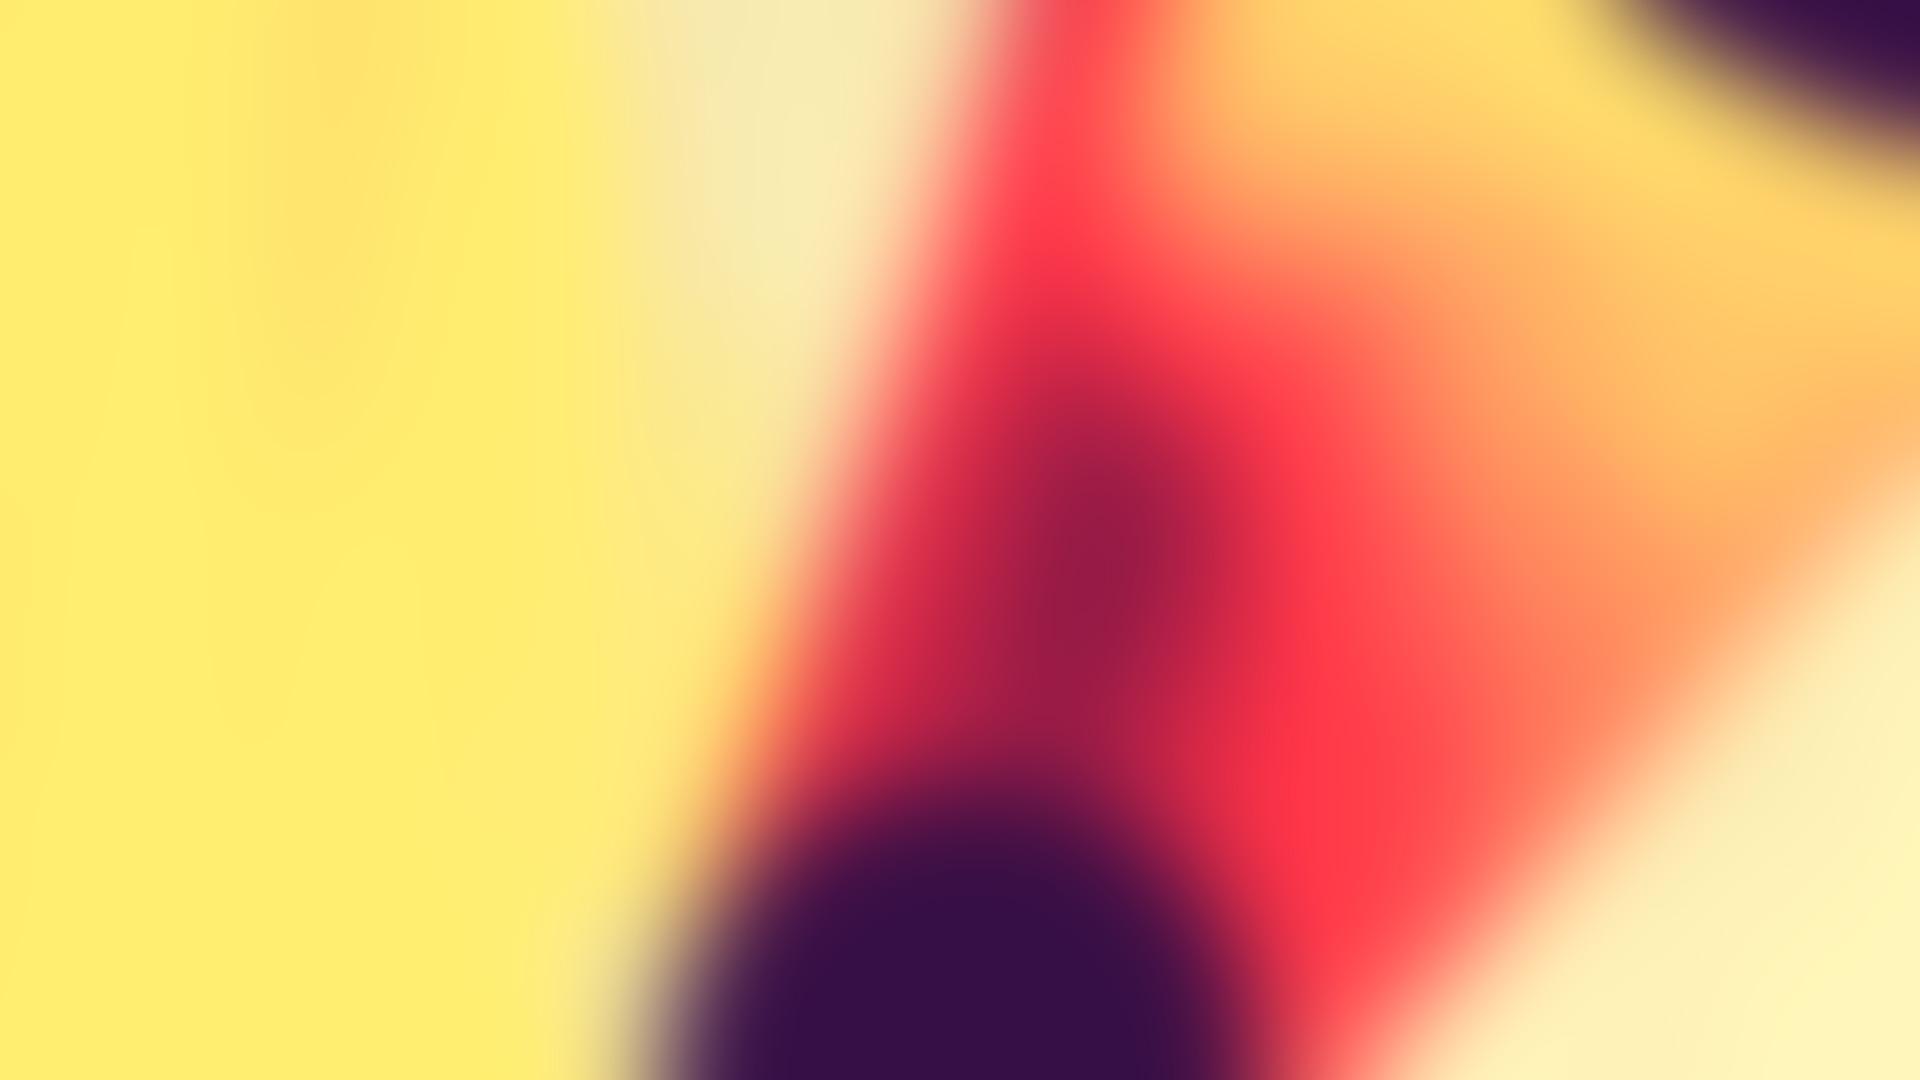 PetraRec_ErenErdol_LoseMyMind_bg-blur